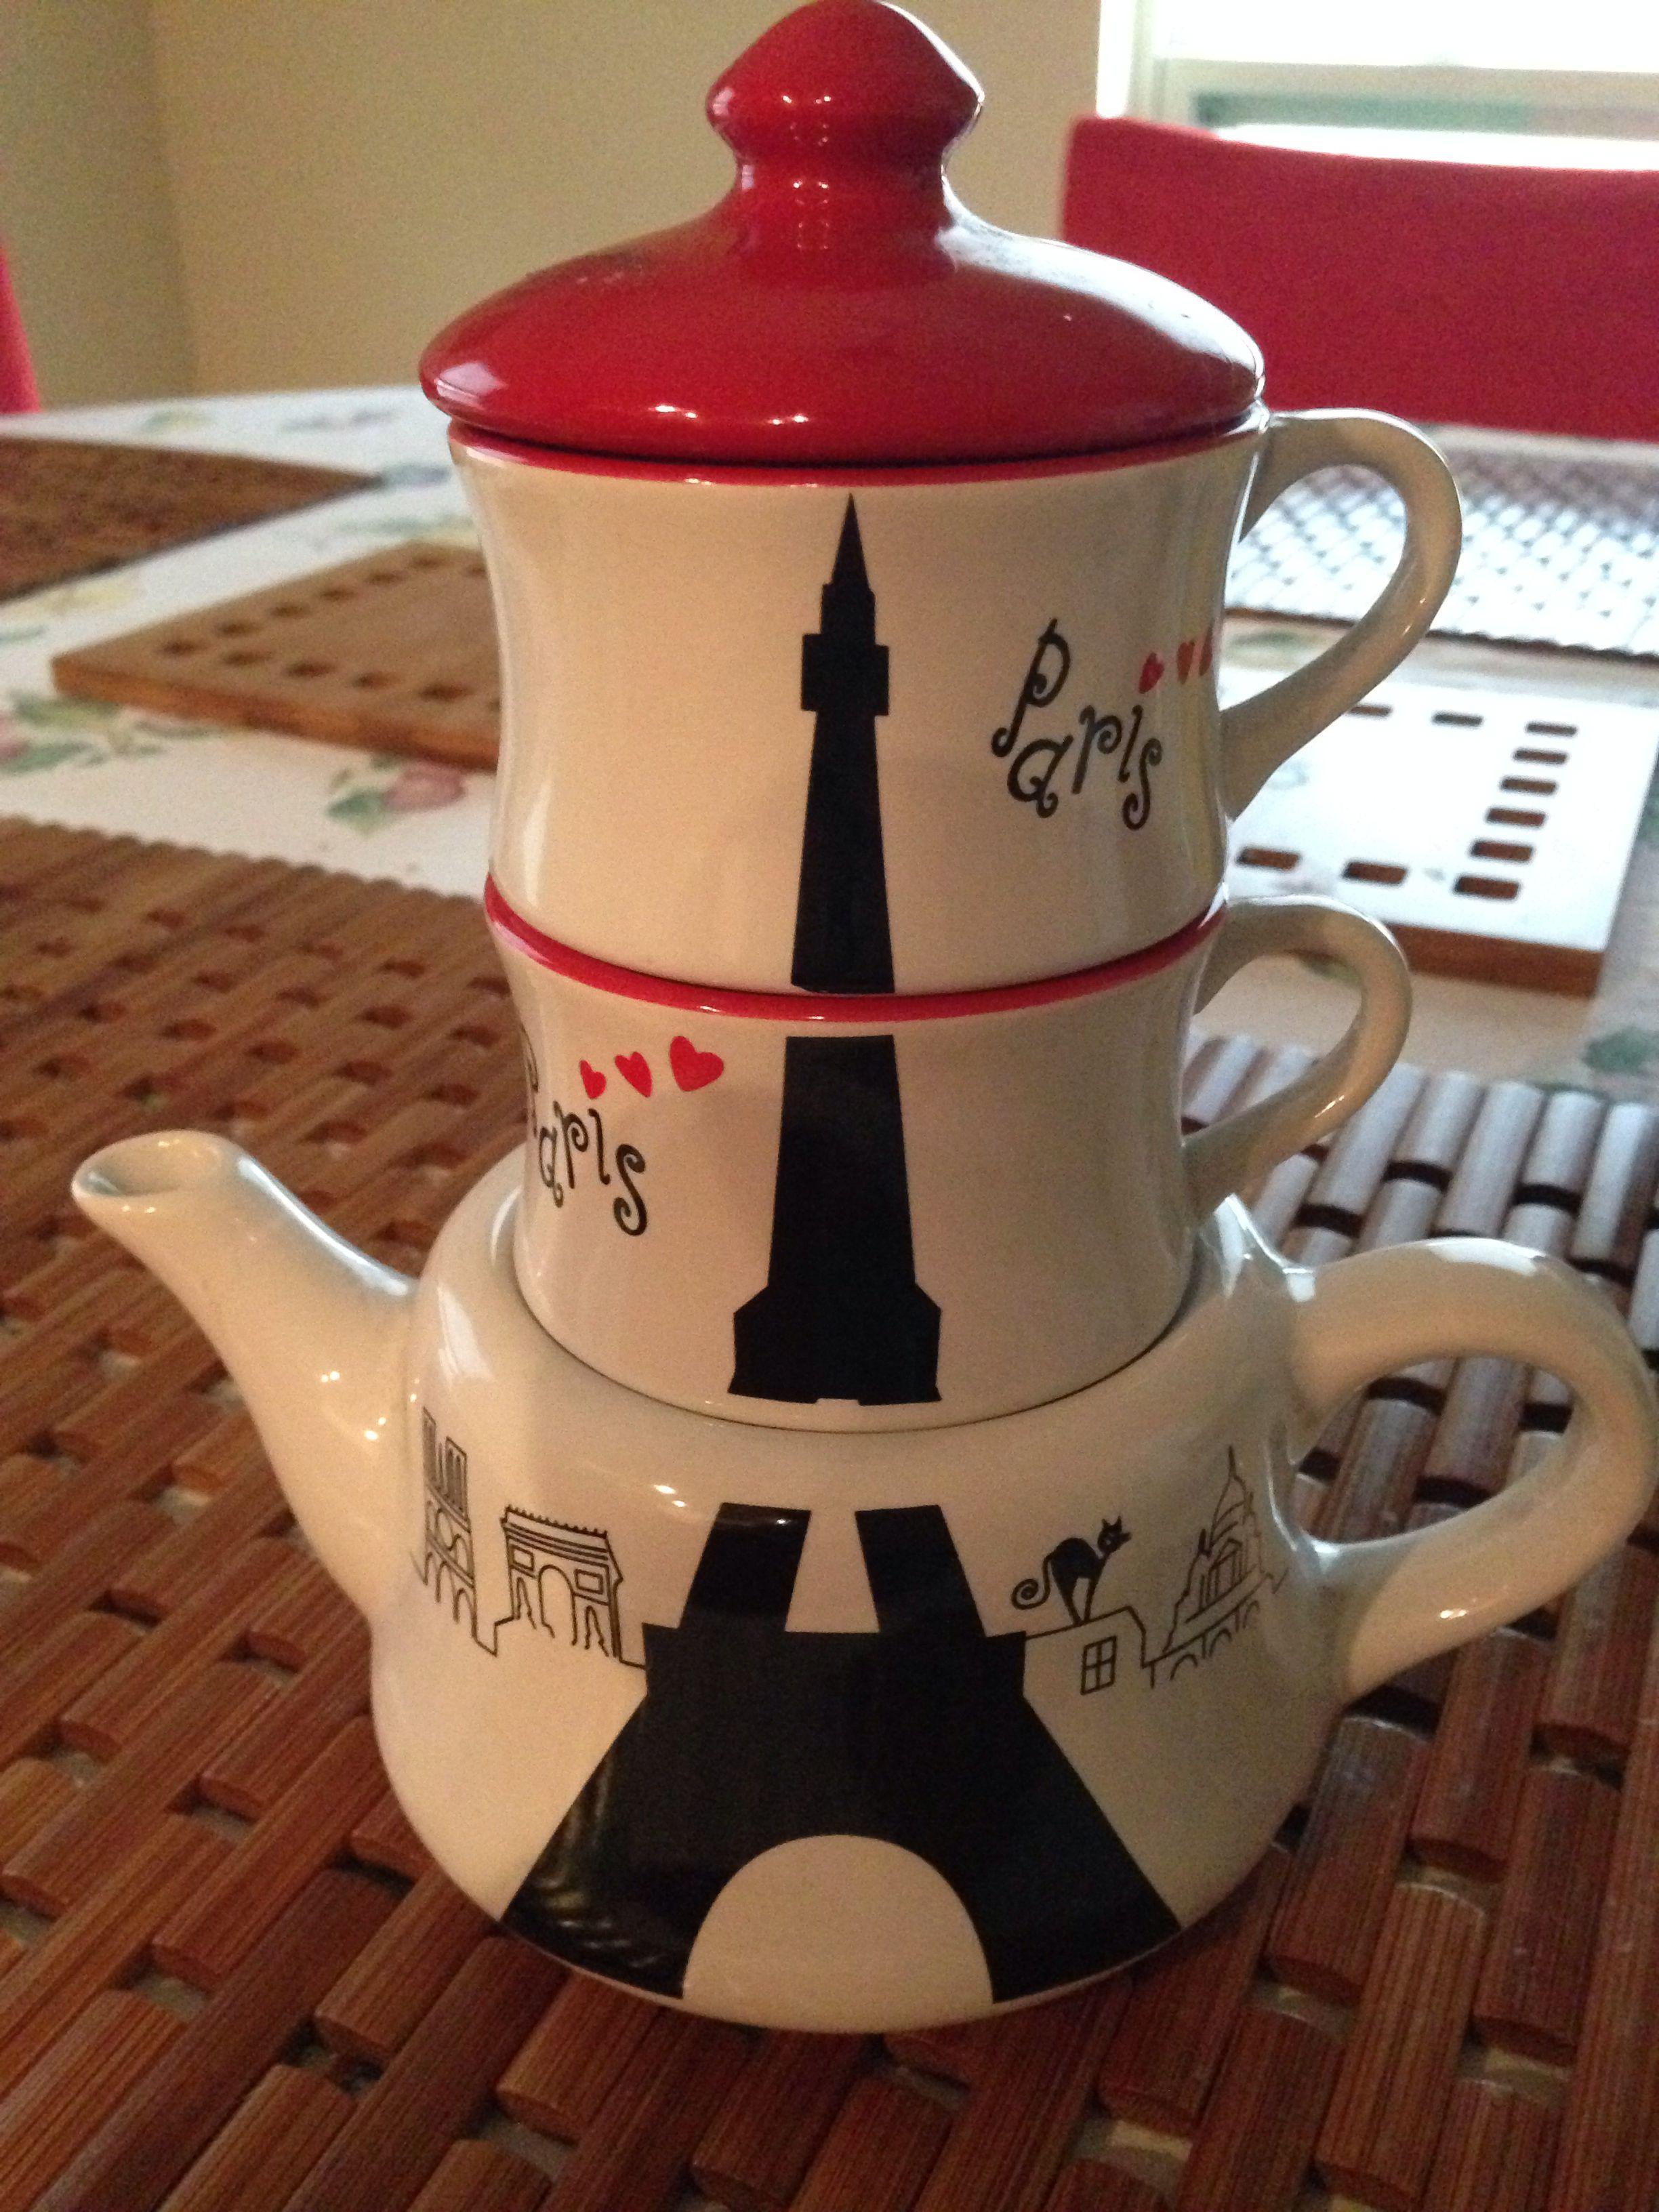 Paris teapot and cups. My favorite souvenir from Paris!